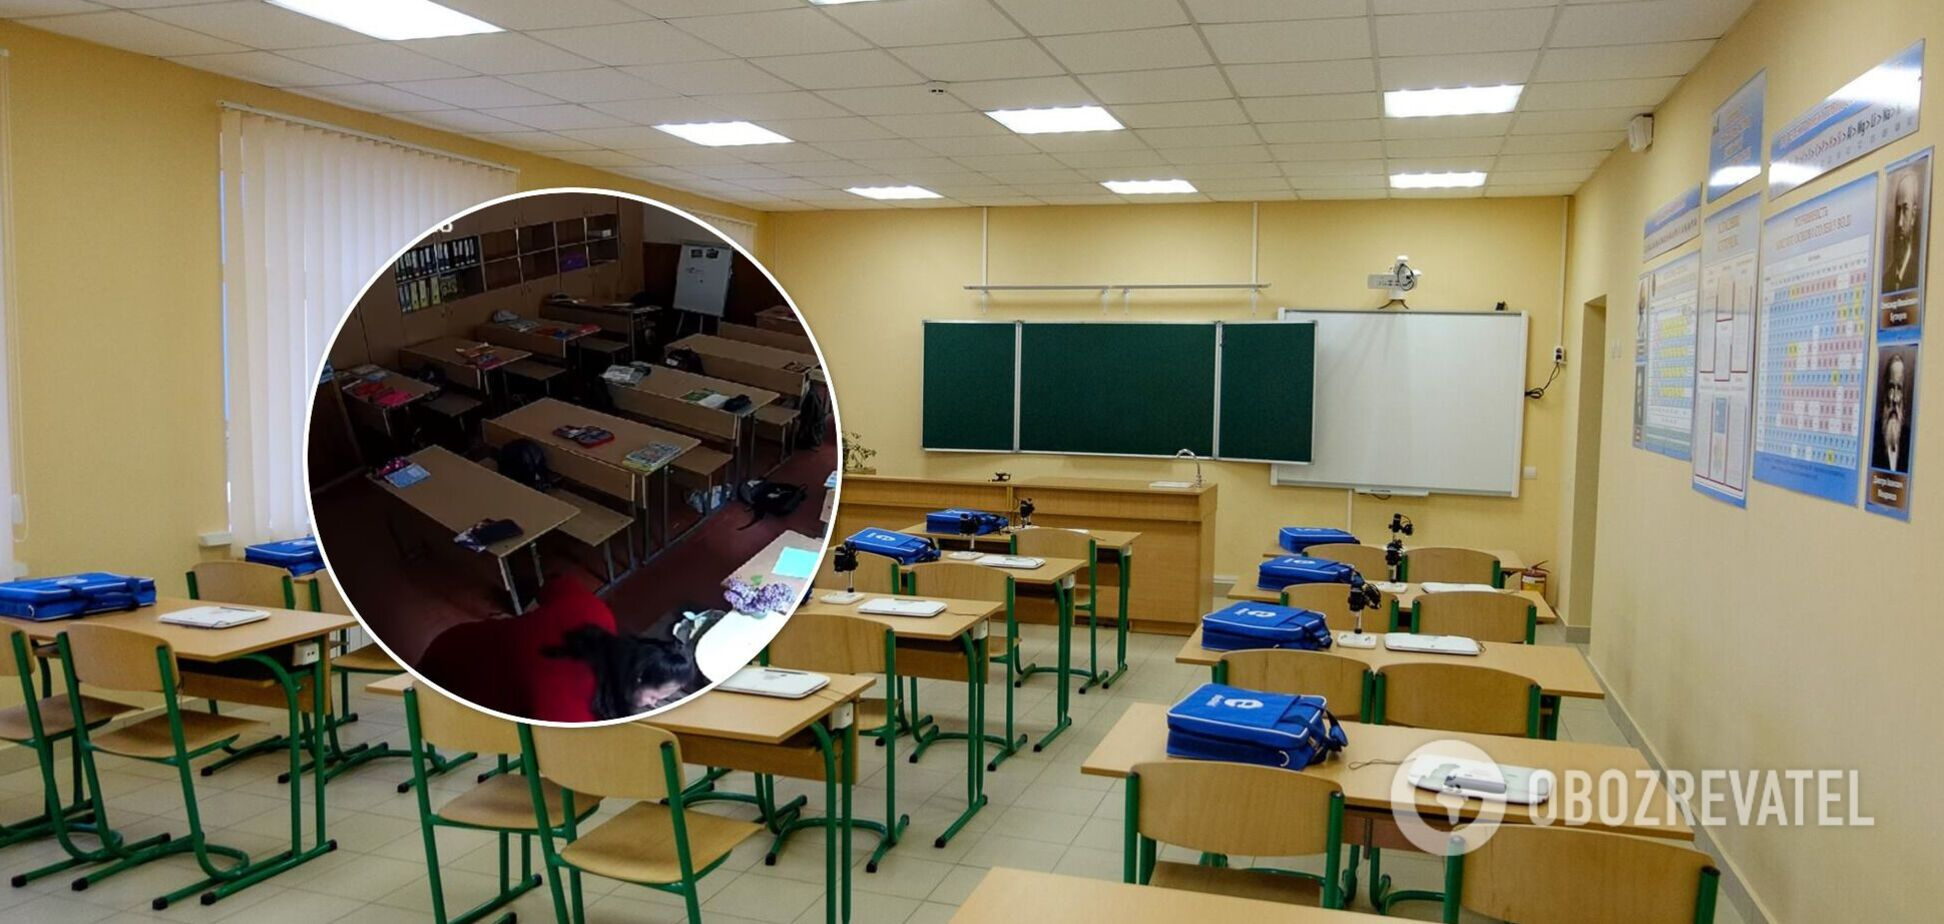 В Виннице педагог выпроводила детей из класса, 'чтобы злость не прошла', и унизила ребенка с инвалидностью. Видео